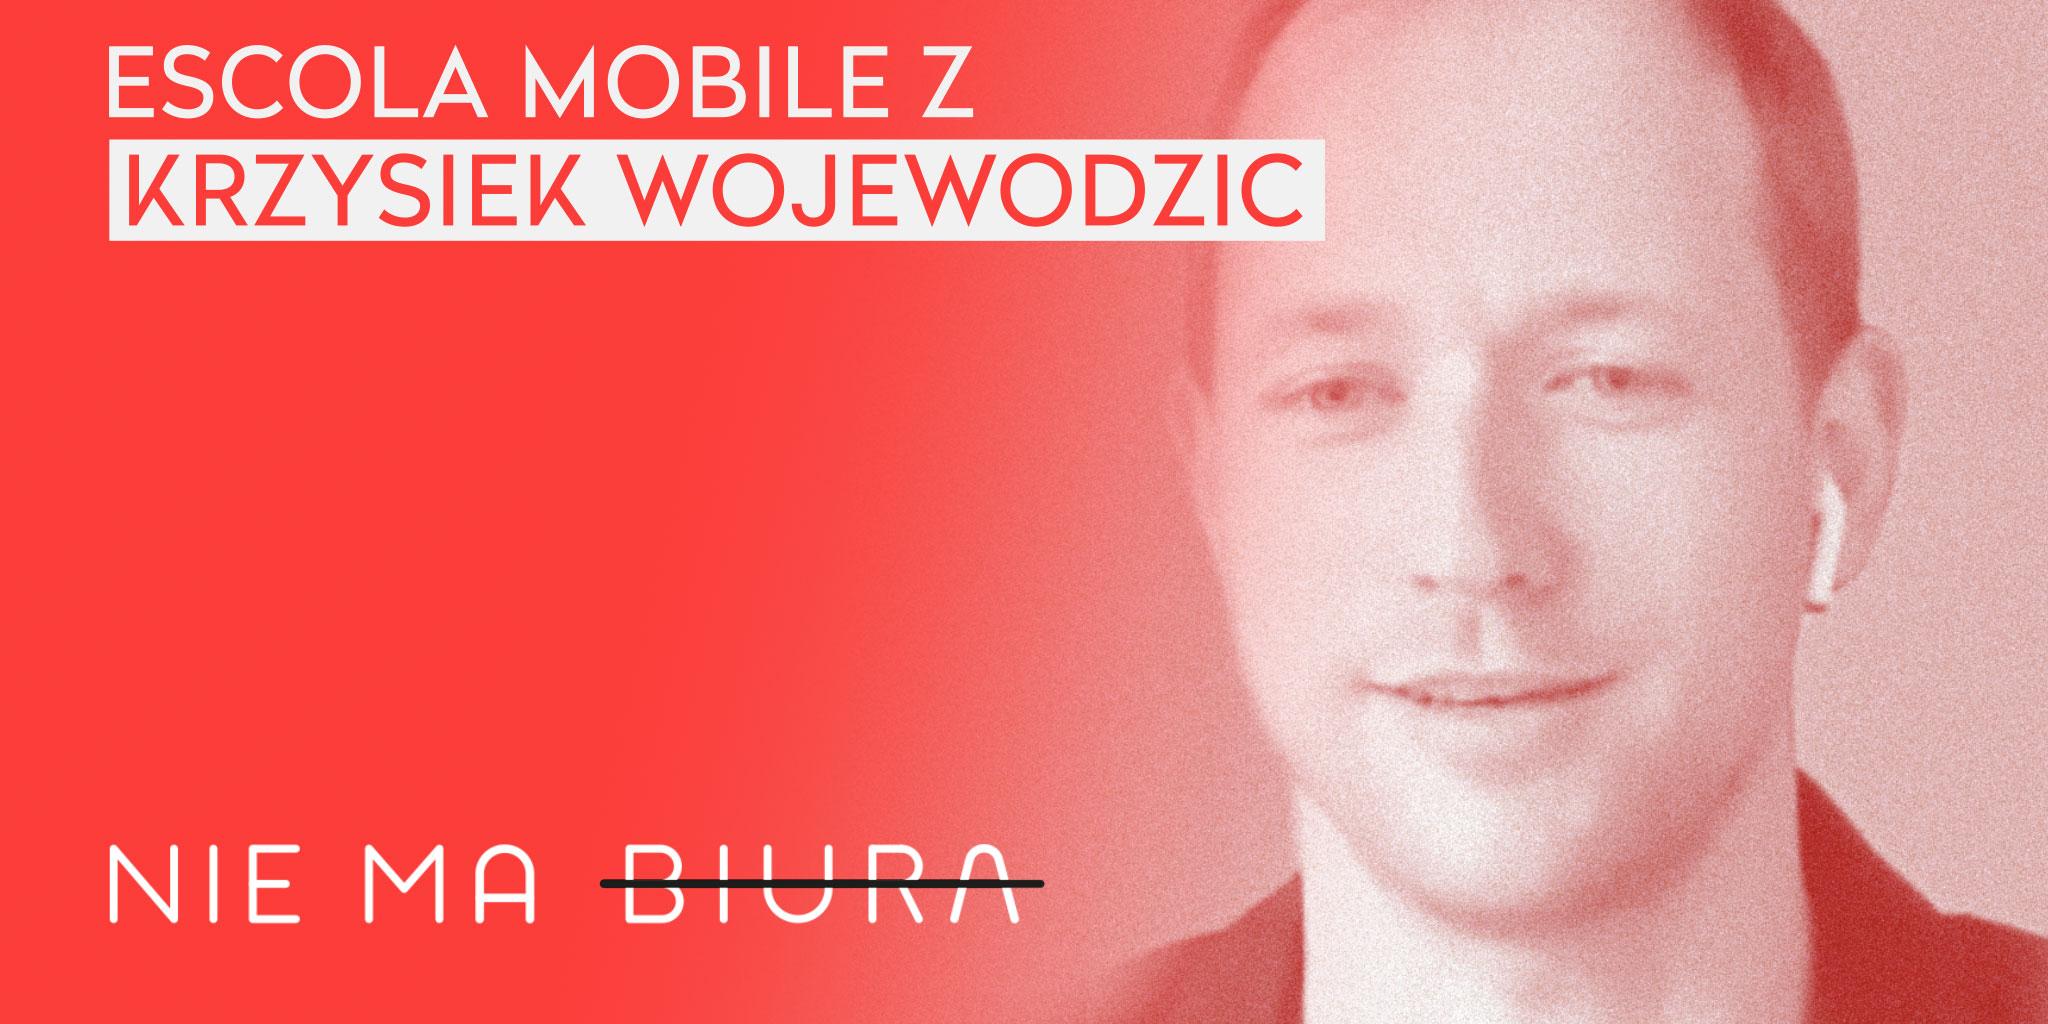 Nie Ma Biura 7 - wywiad u Krzysztofa Wojewodzica z Escola Mobile - praca zdalna, zarządzanie zespołem.